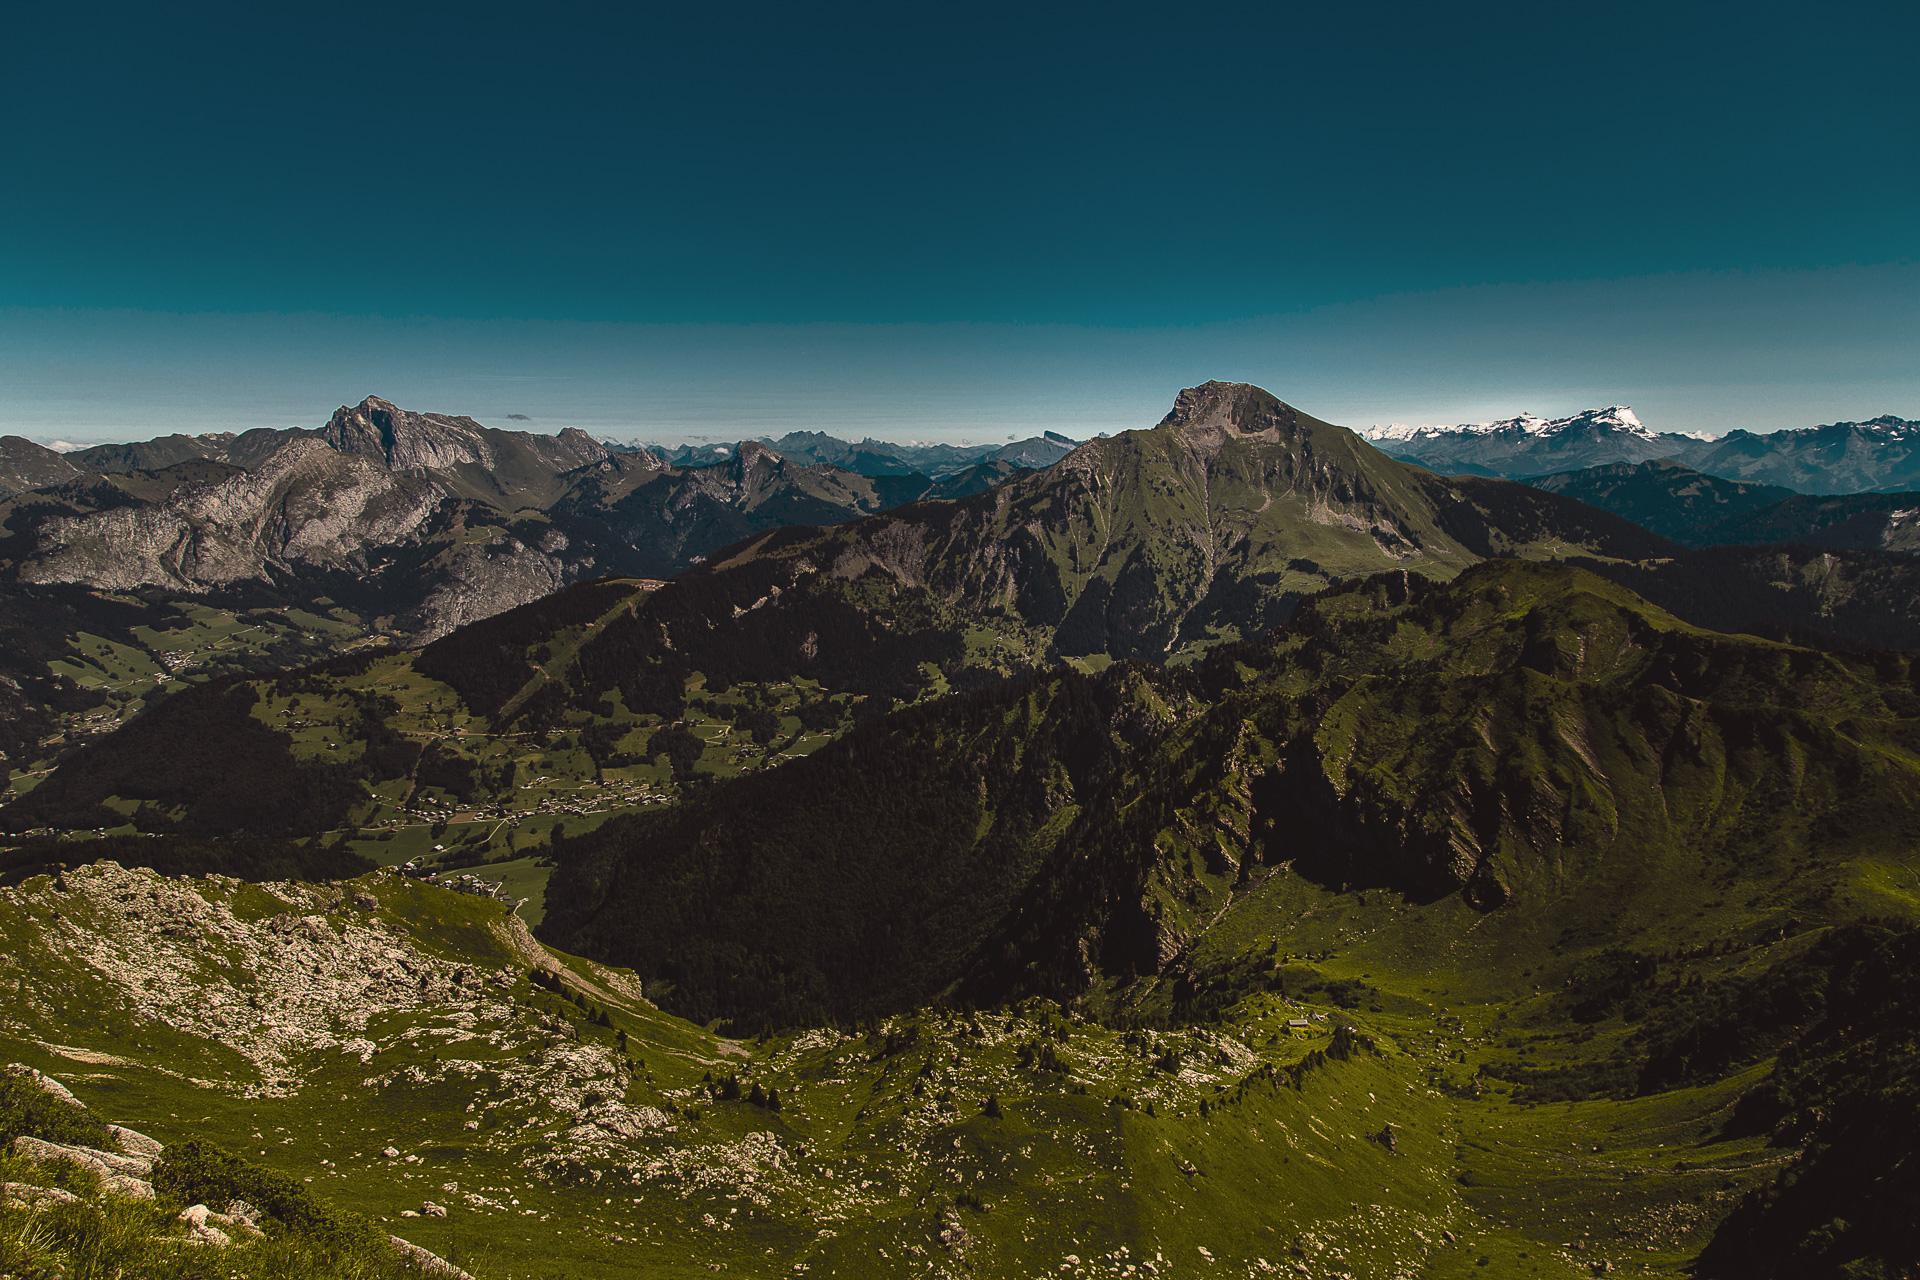 Paysages de la Haute-Savoie